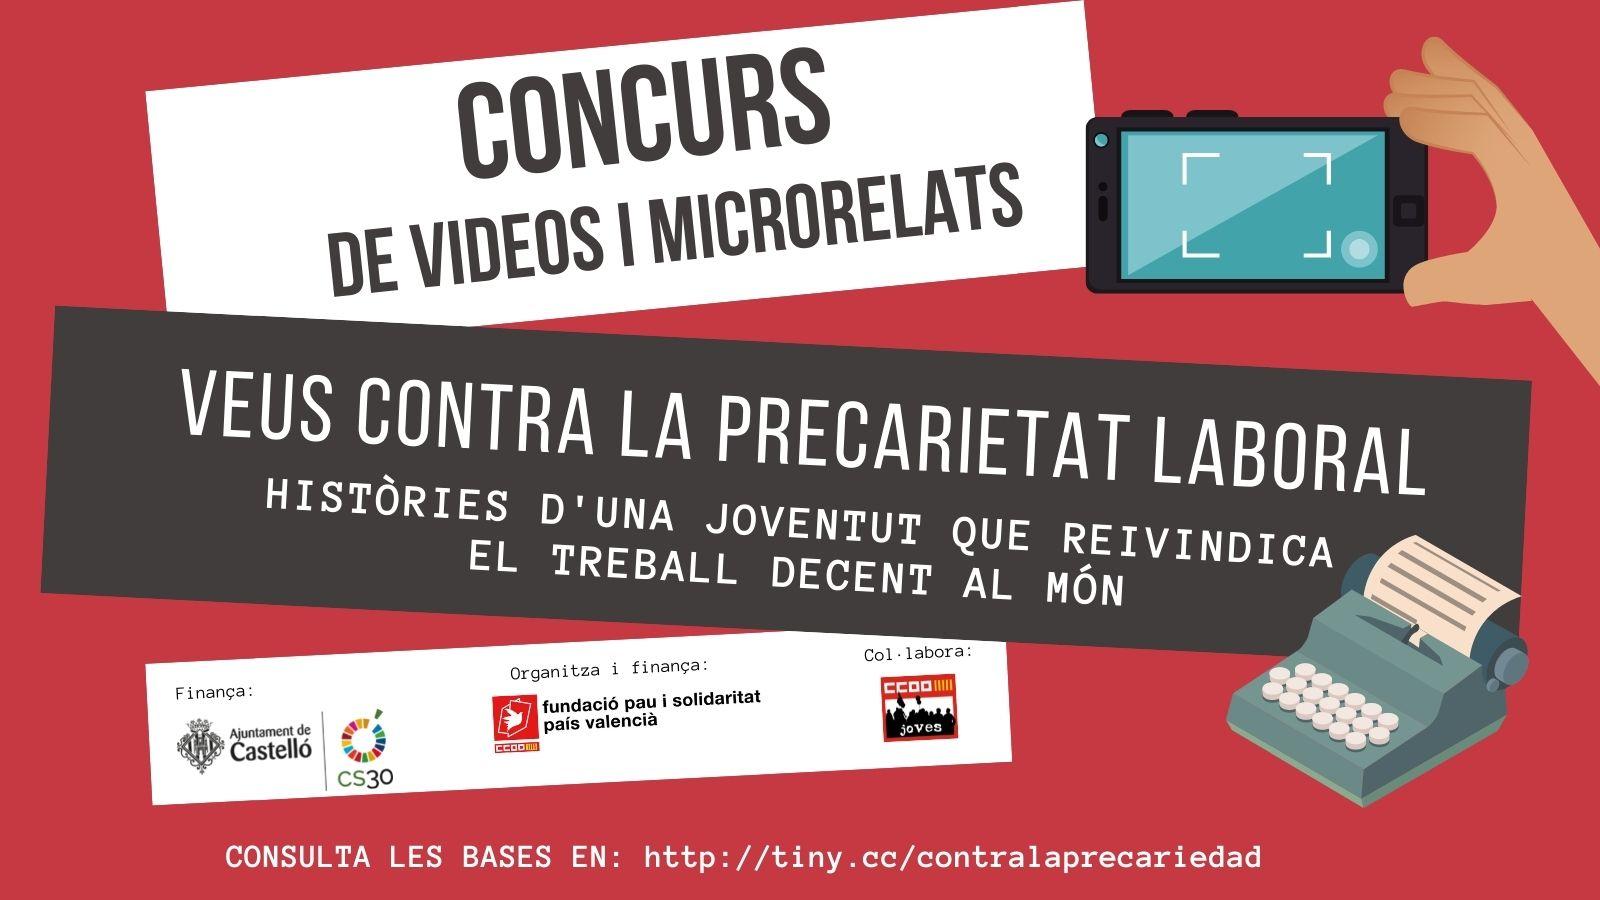 La Fundación Pau i Solidaritat PV convoca el 1r Concurs de vídeos i microrelats Veus contra la precarietat laboral de la ciutat de Castelló en el marc d'un projecte cofinançat per l'Ajuntament de Castelló.